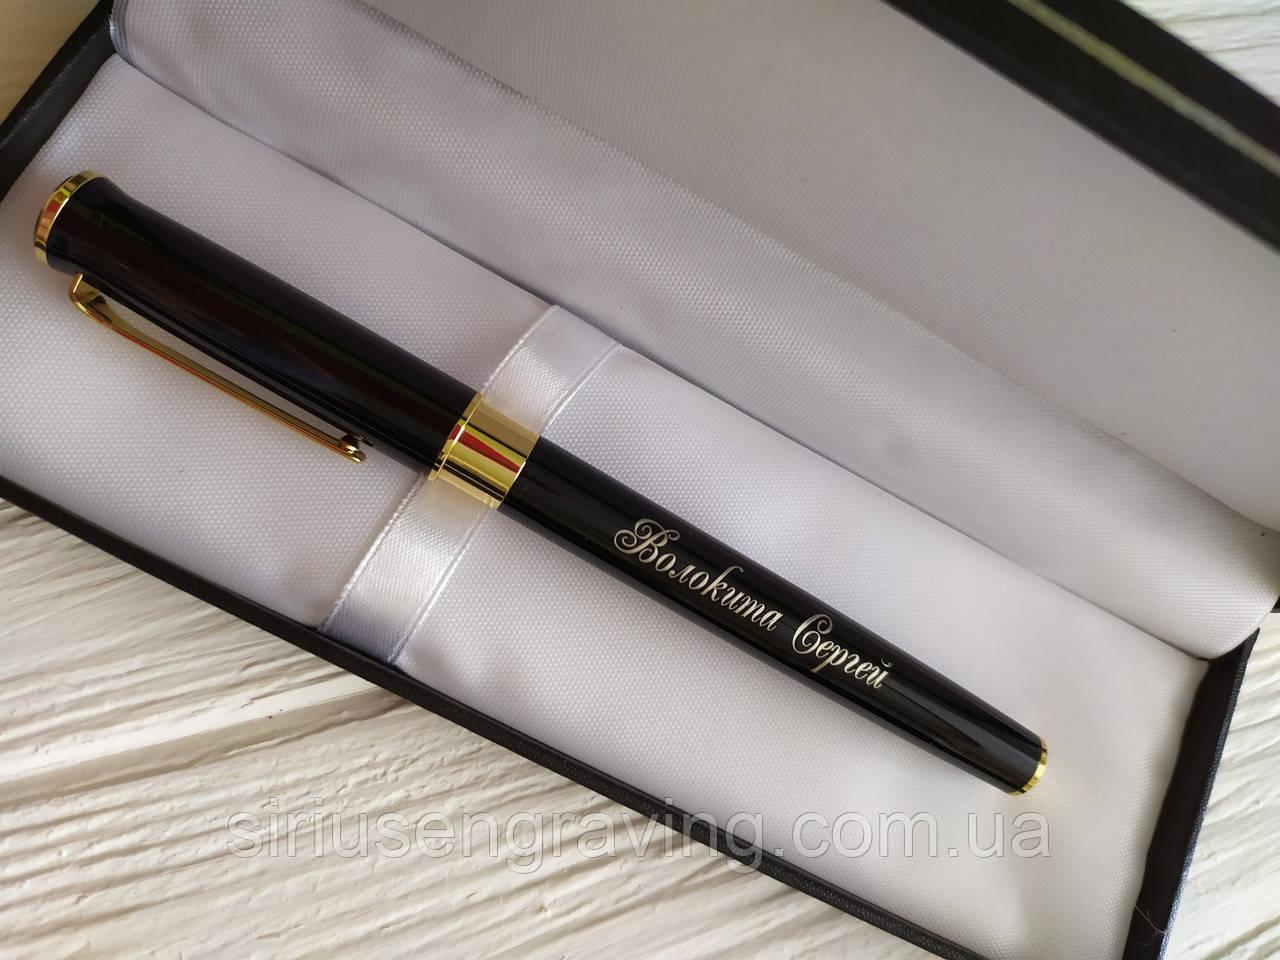 Ручка Глянцевая  с позолотой превосходная